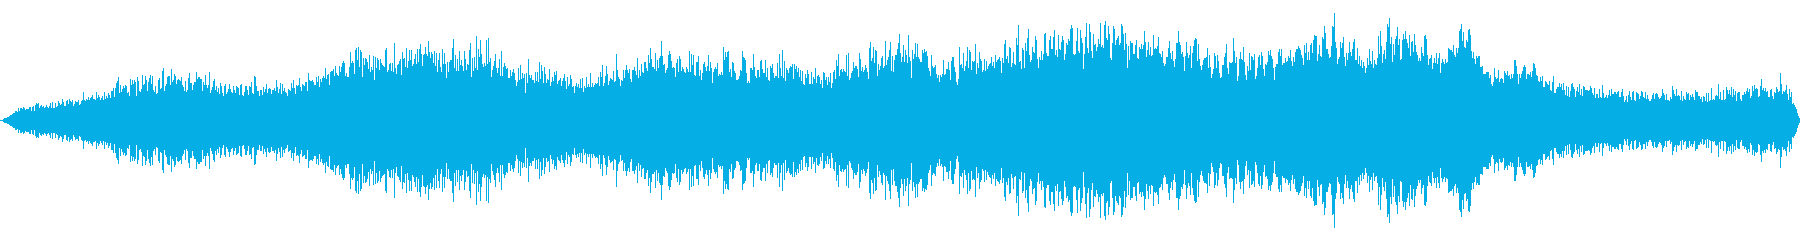 高周波と低周波が交互に現れるデジタ...の再生済みの波形